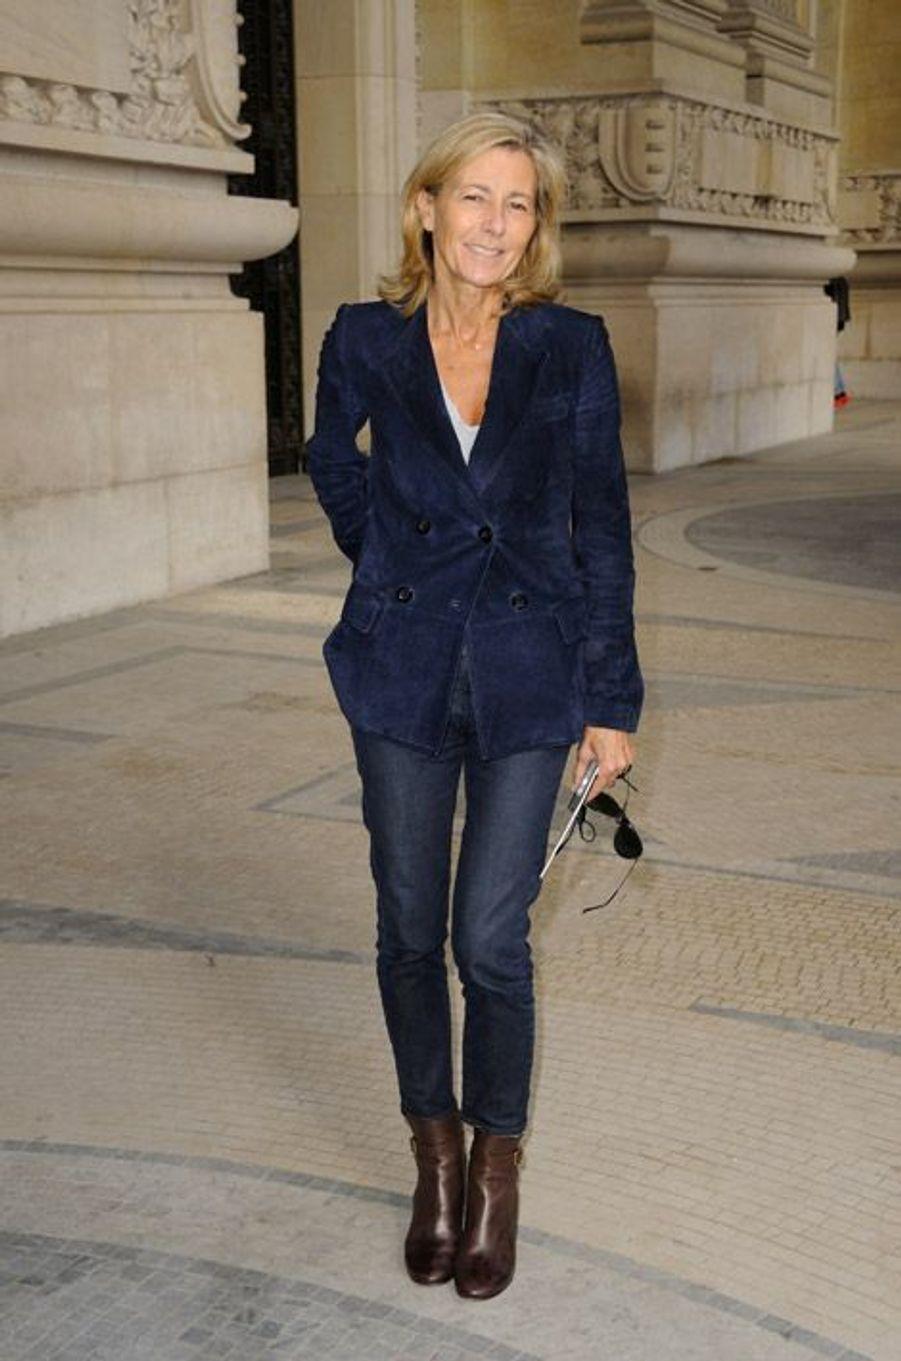 Claire Chazal au défilé printemps-été 2015 Carven, au Grand Palais à Paris, le 25 septembre 2014